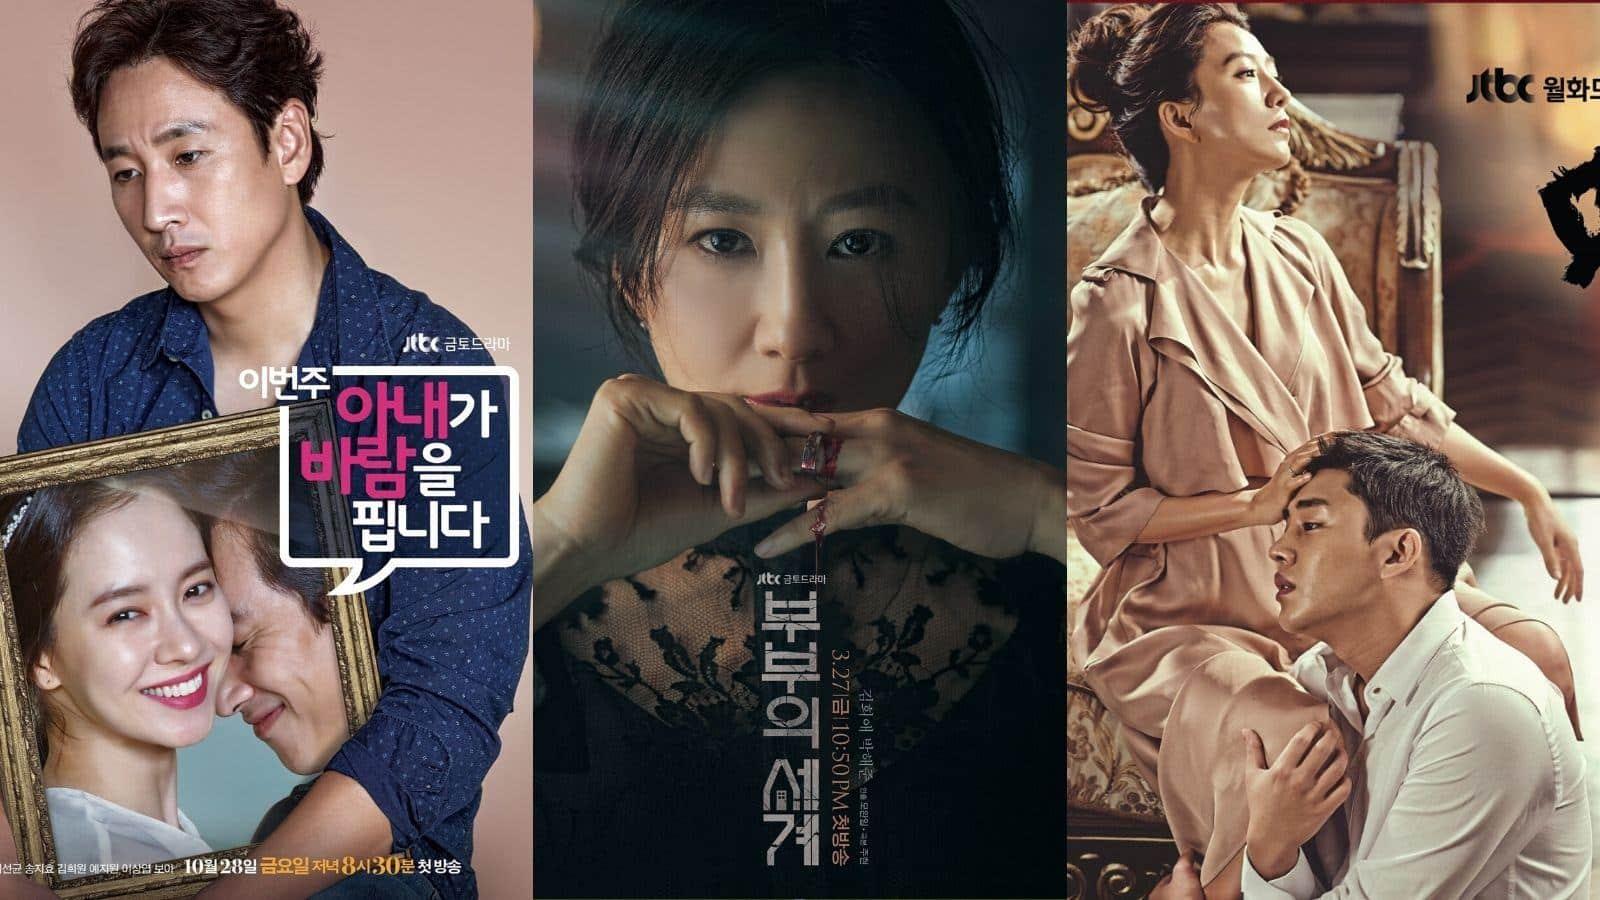 9 phim ngoại tình Hàn Quốc nói về thế giới hôn nhân | ELLE